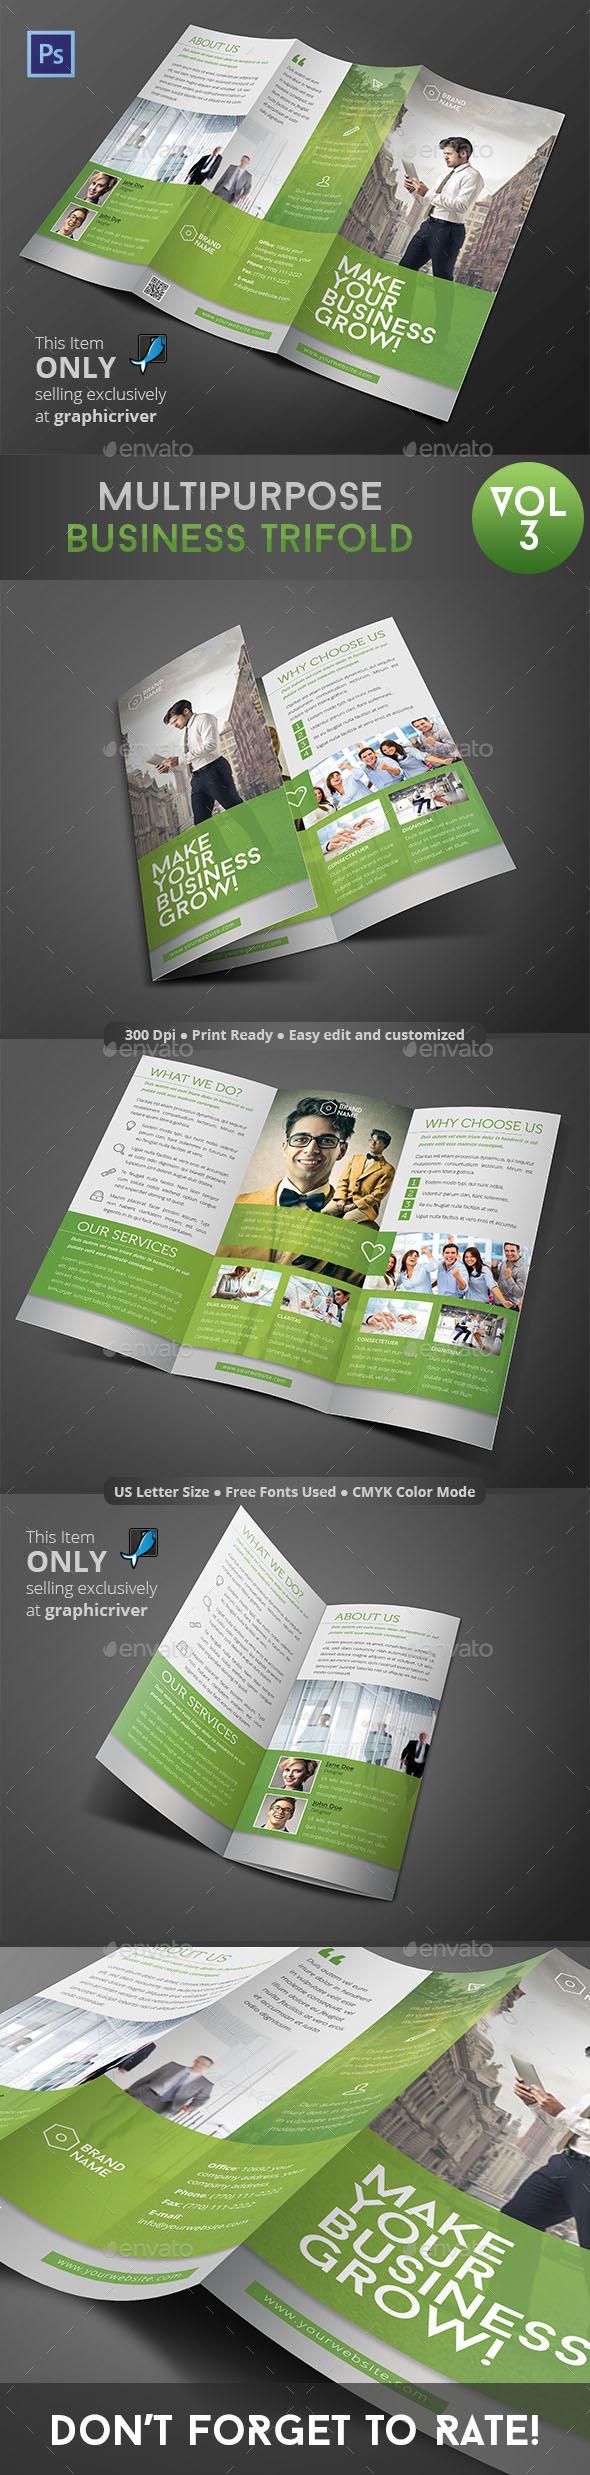 GraphicRiver Multipurpose Business Trifold Vol 3 9471754